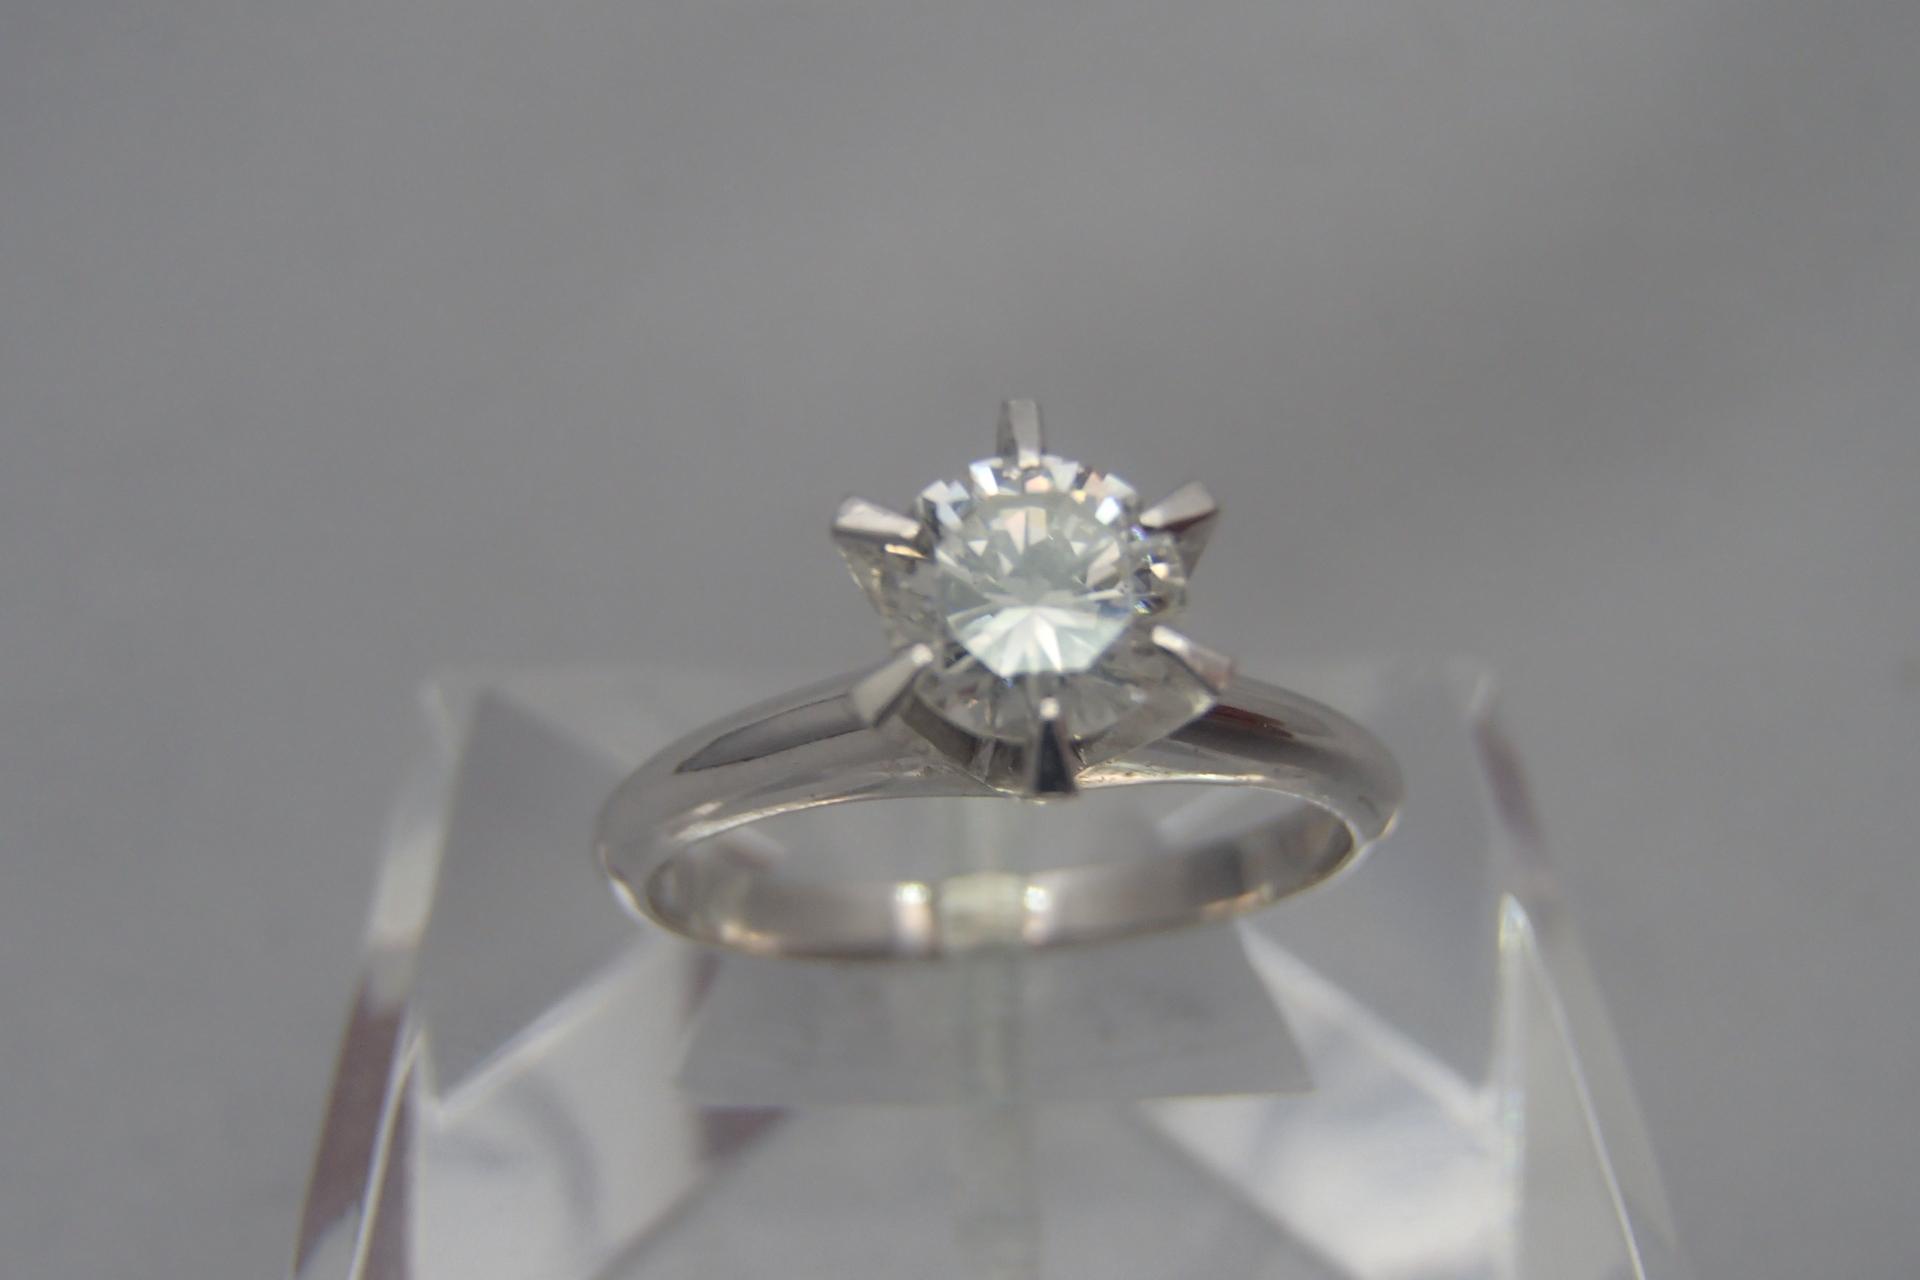 ダイヤモンドの値段をあらわす表とは!?